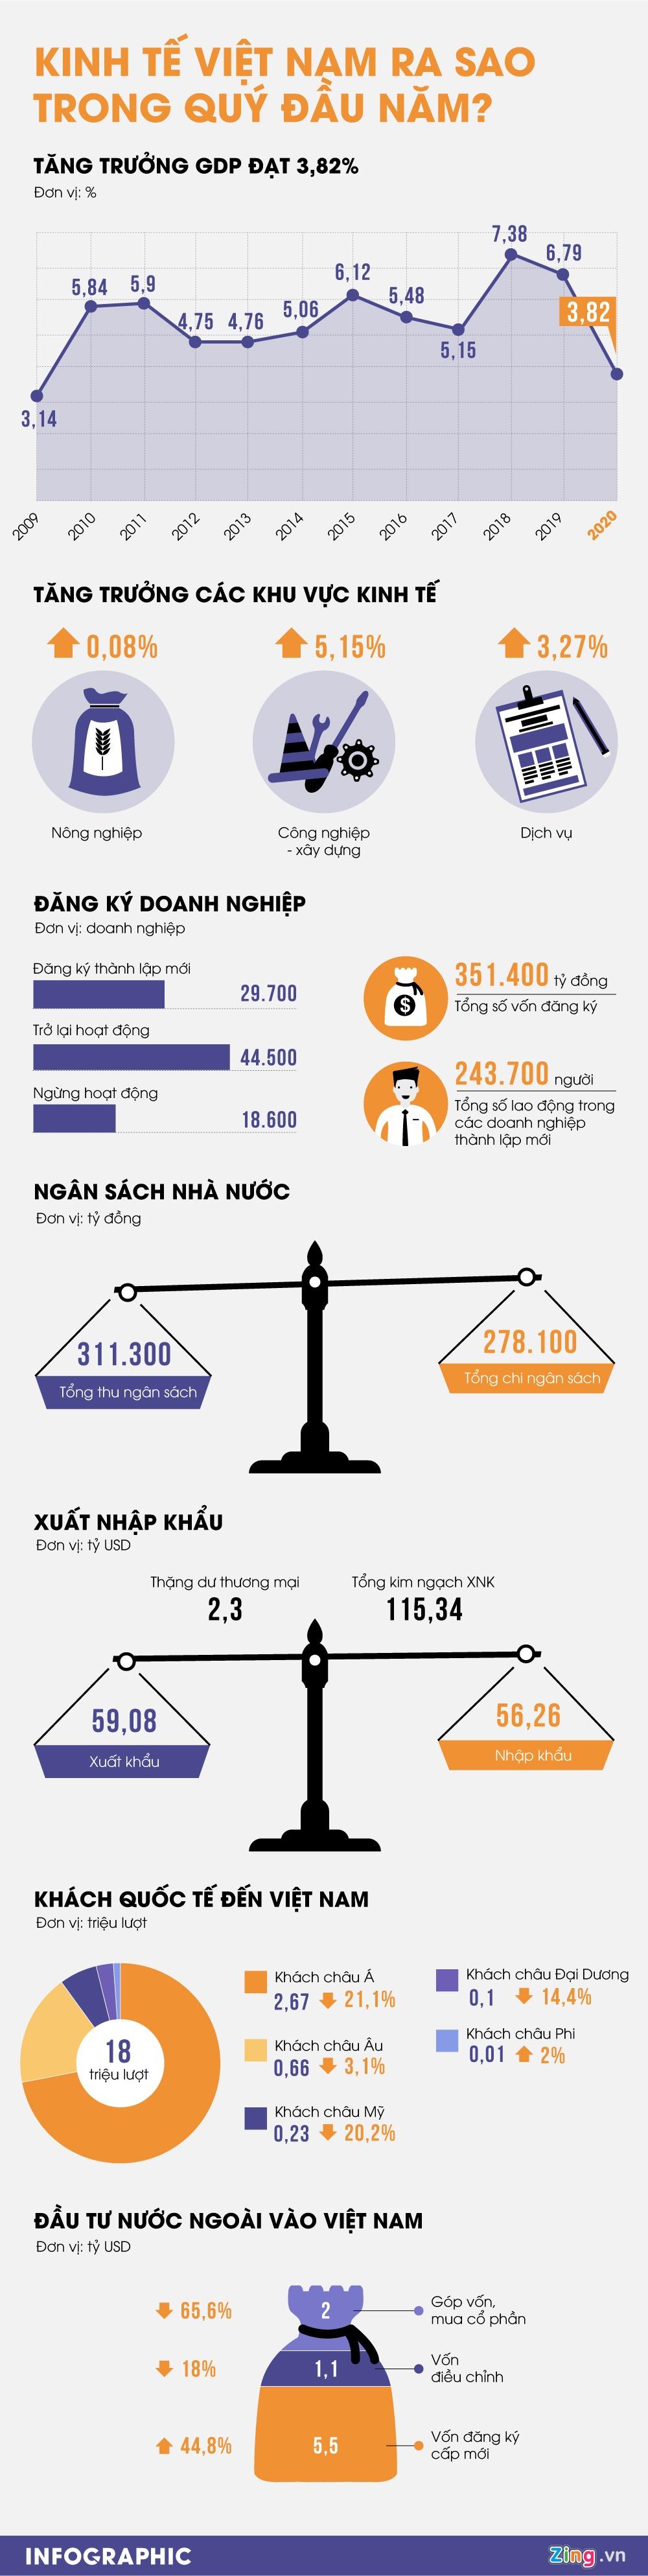 Kinh te Viet Nam ra sao trong quy dau nam? hinh anh 1 Kinh_te_Viet_Nam_ra_sao_trong_quy_dau_nam_.jpg